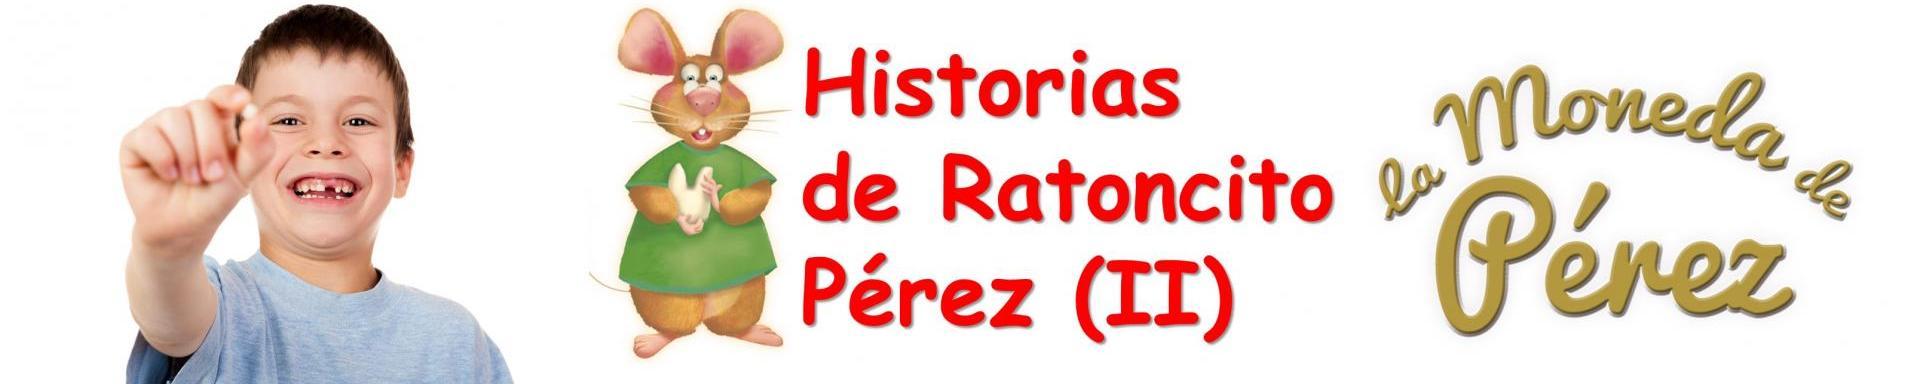 HISTORIAS DE RATONCITO PEREZ (CUANDO EL DIENTE SE CAYÓ)